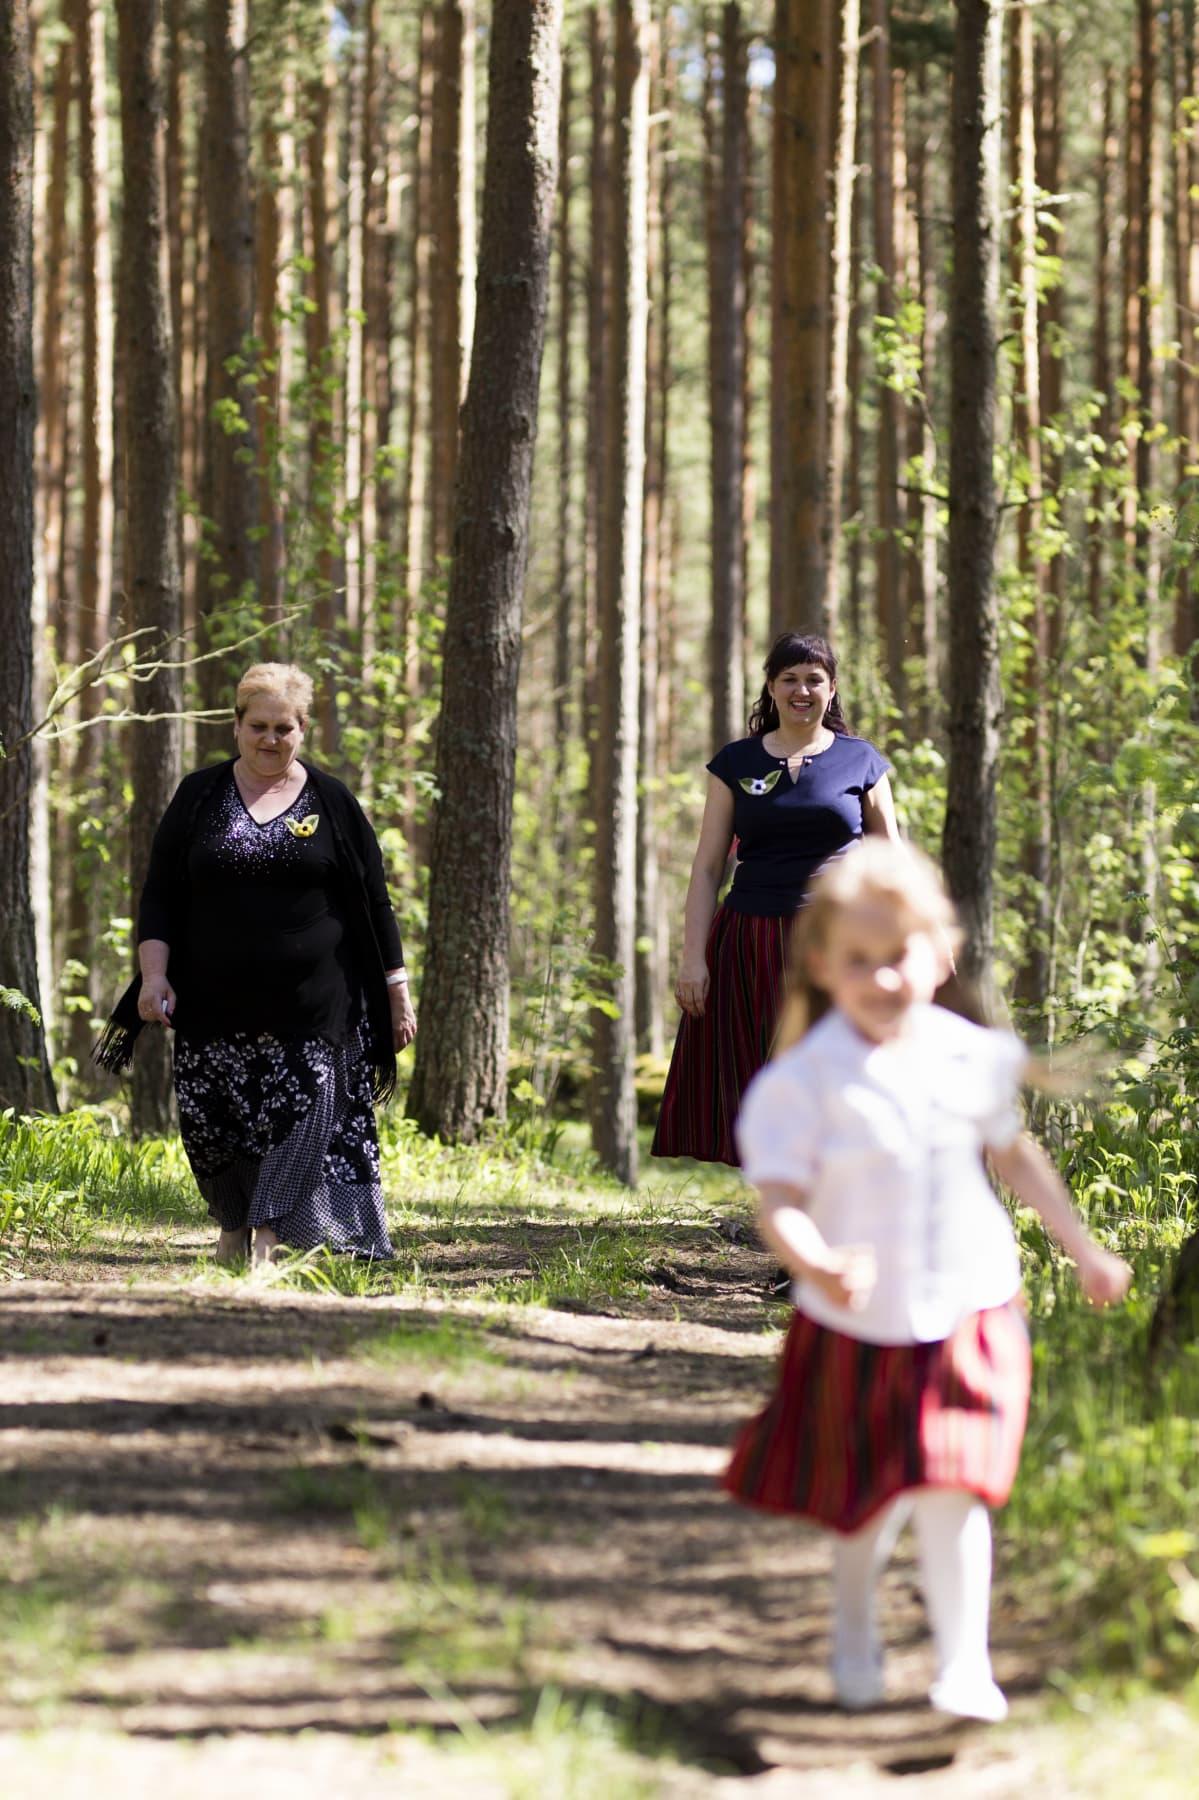 Vesikin äiti Mareka Vesik (vas.) on joka viikko apuna lastenhoidossa.